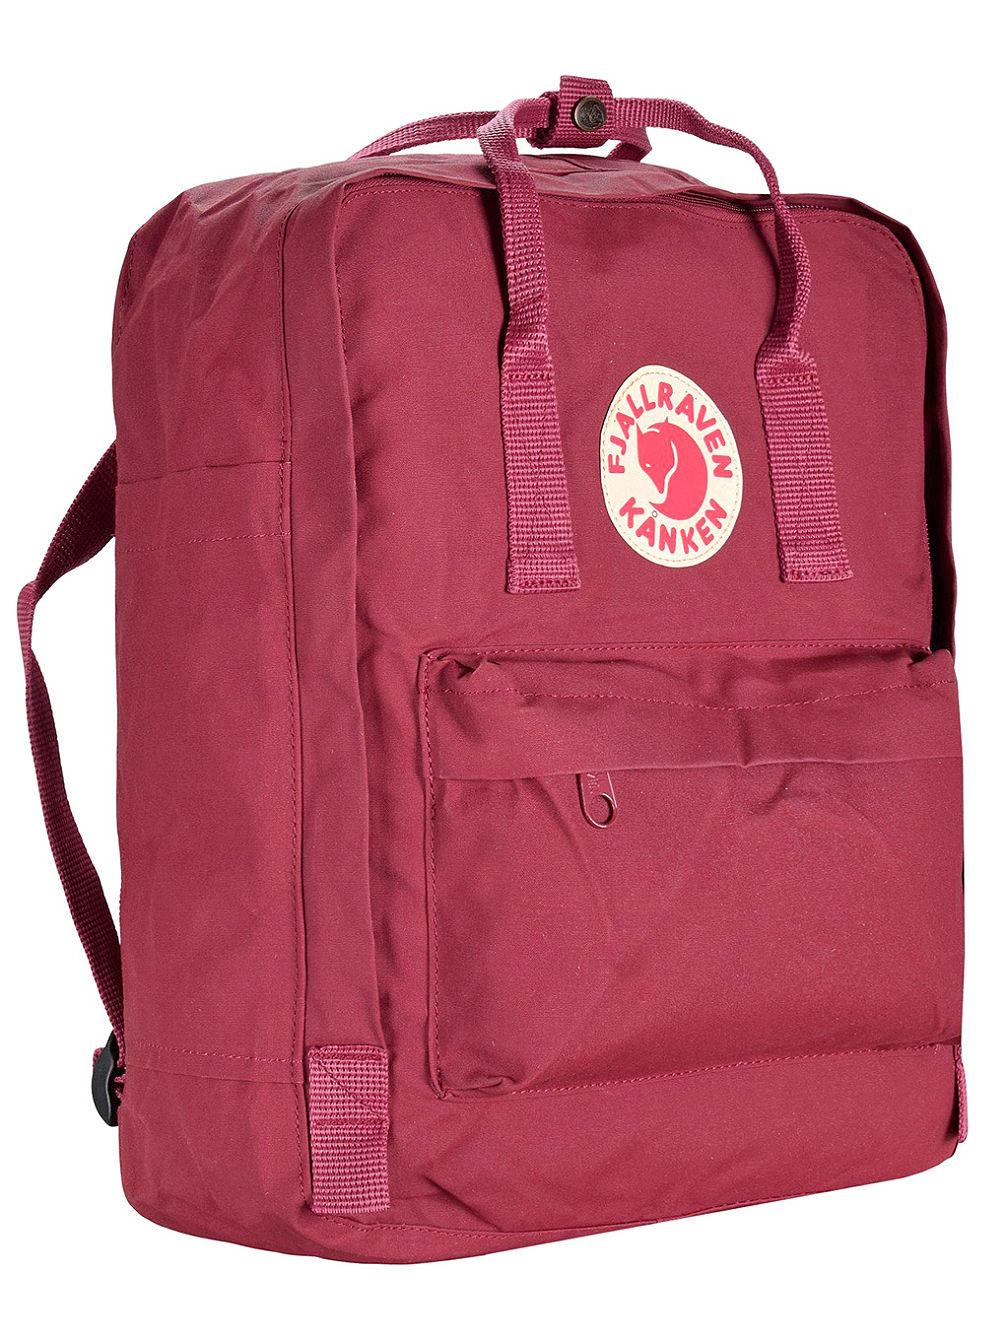 8f51efcd5d7 Buy Fjällräven Kanken Backpack online at blue-tomato.com